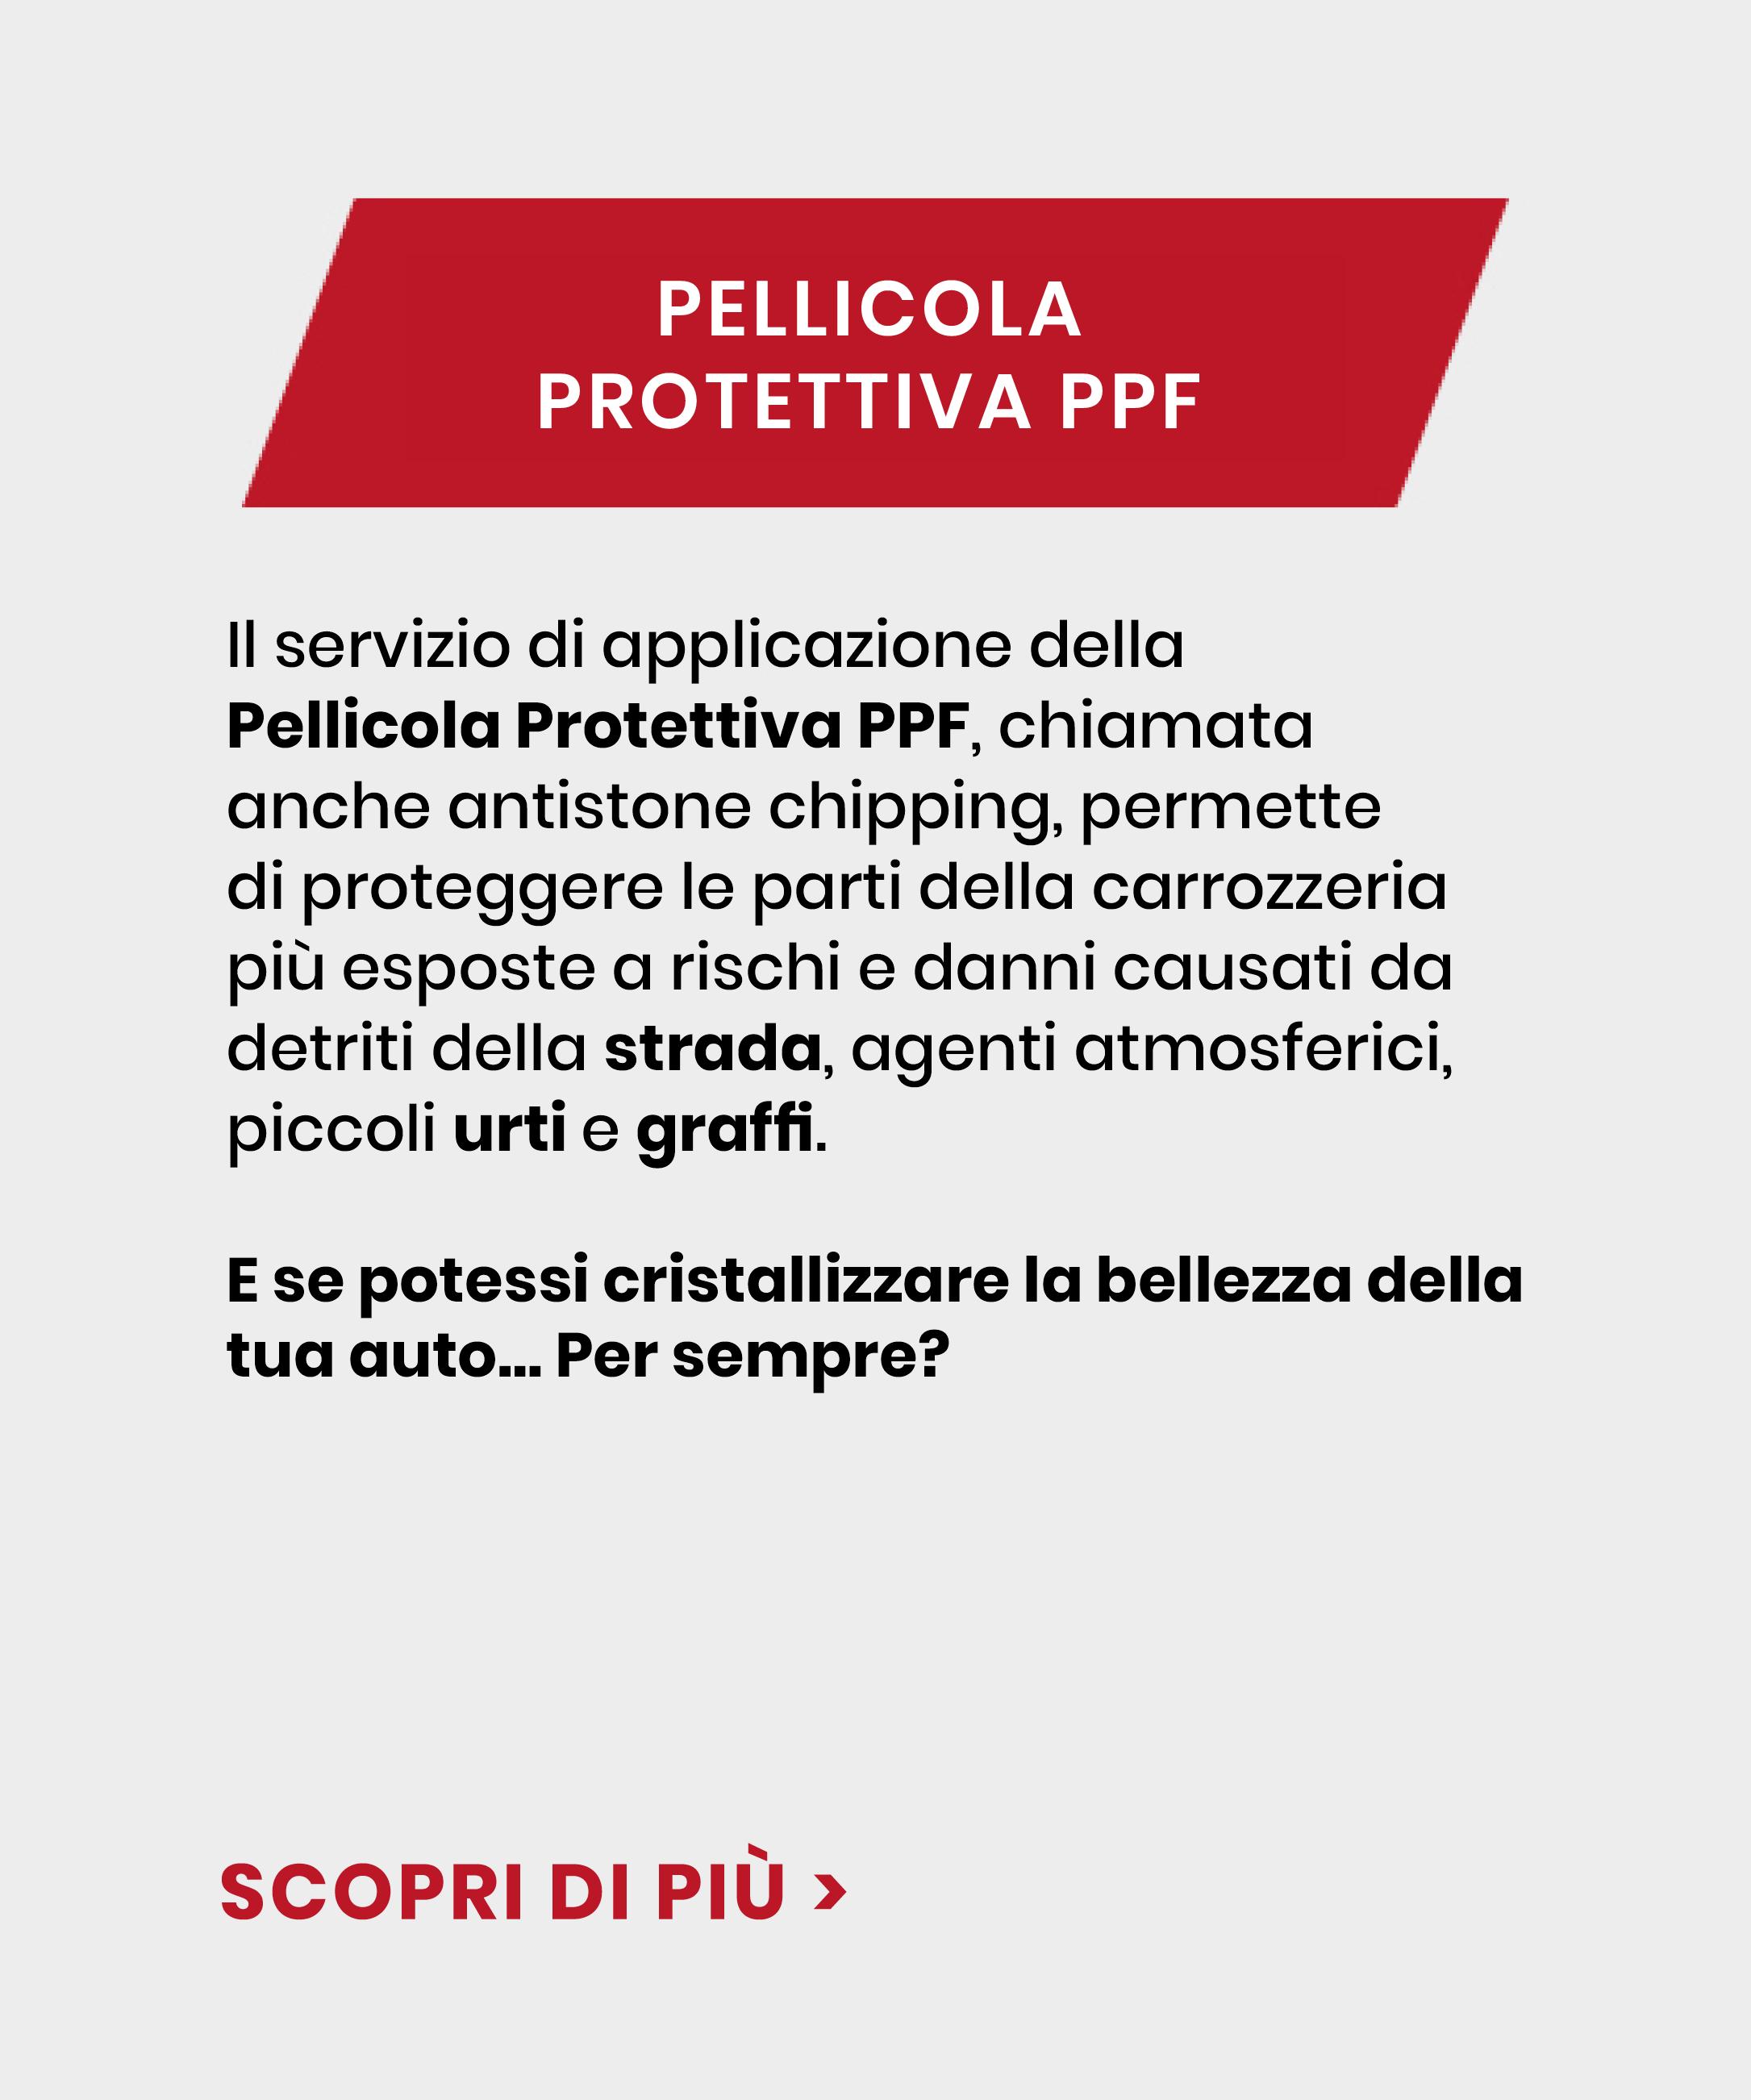 Pellicola Protettiva PPF